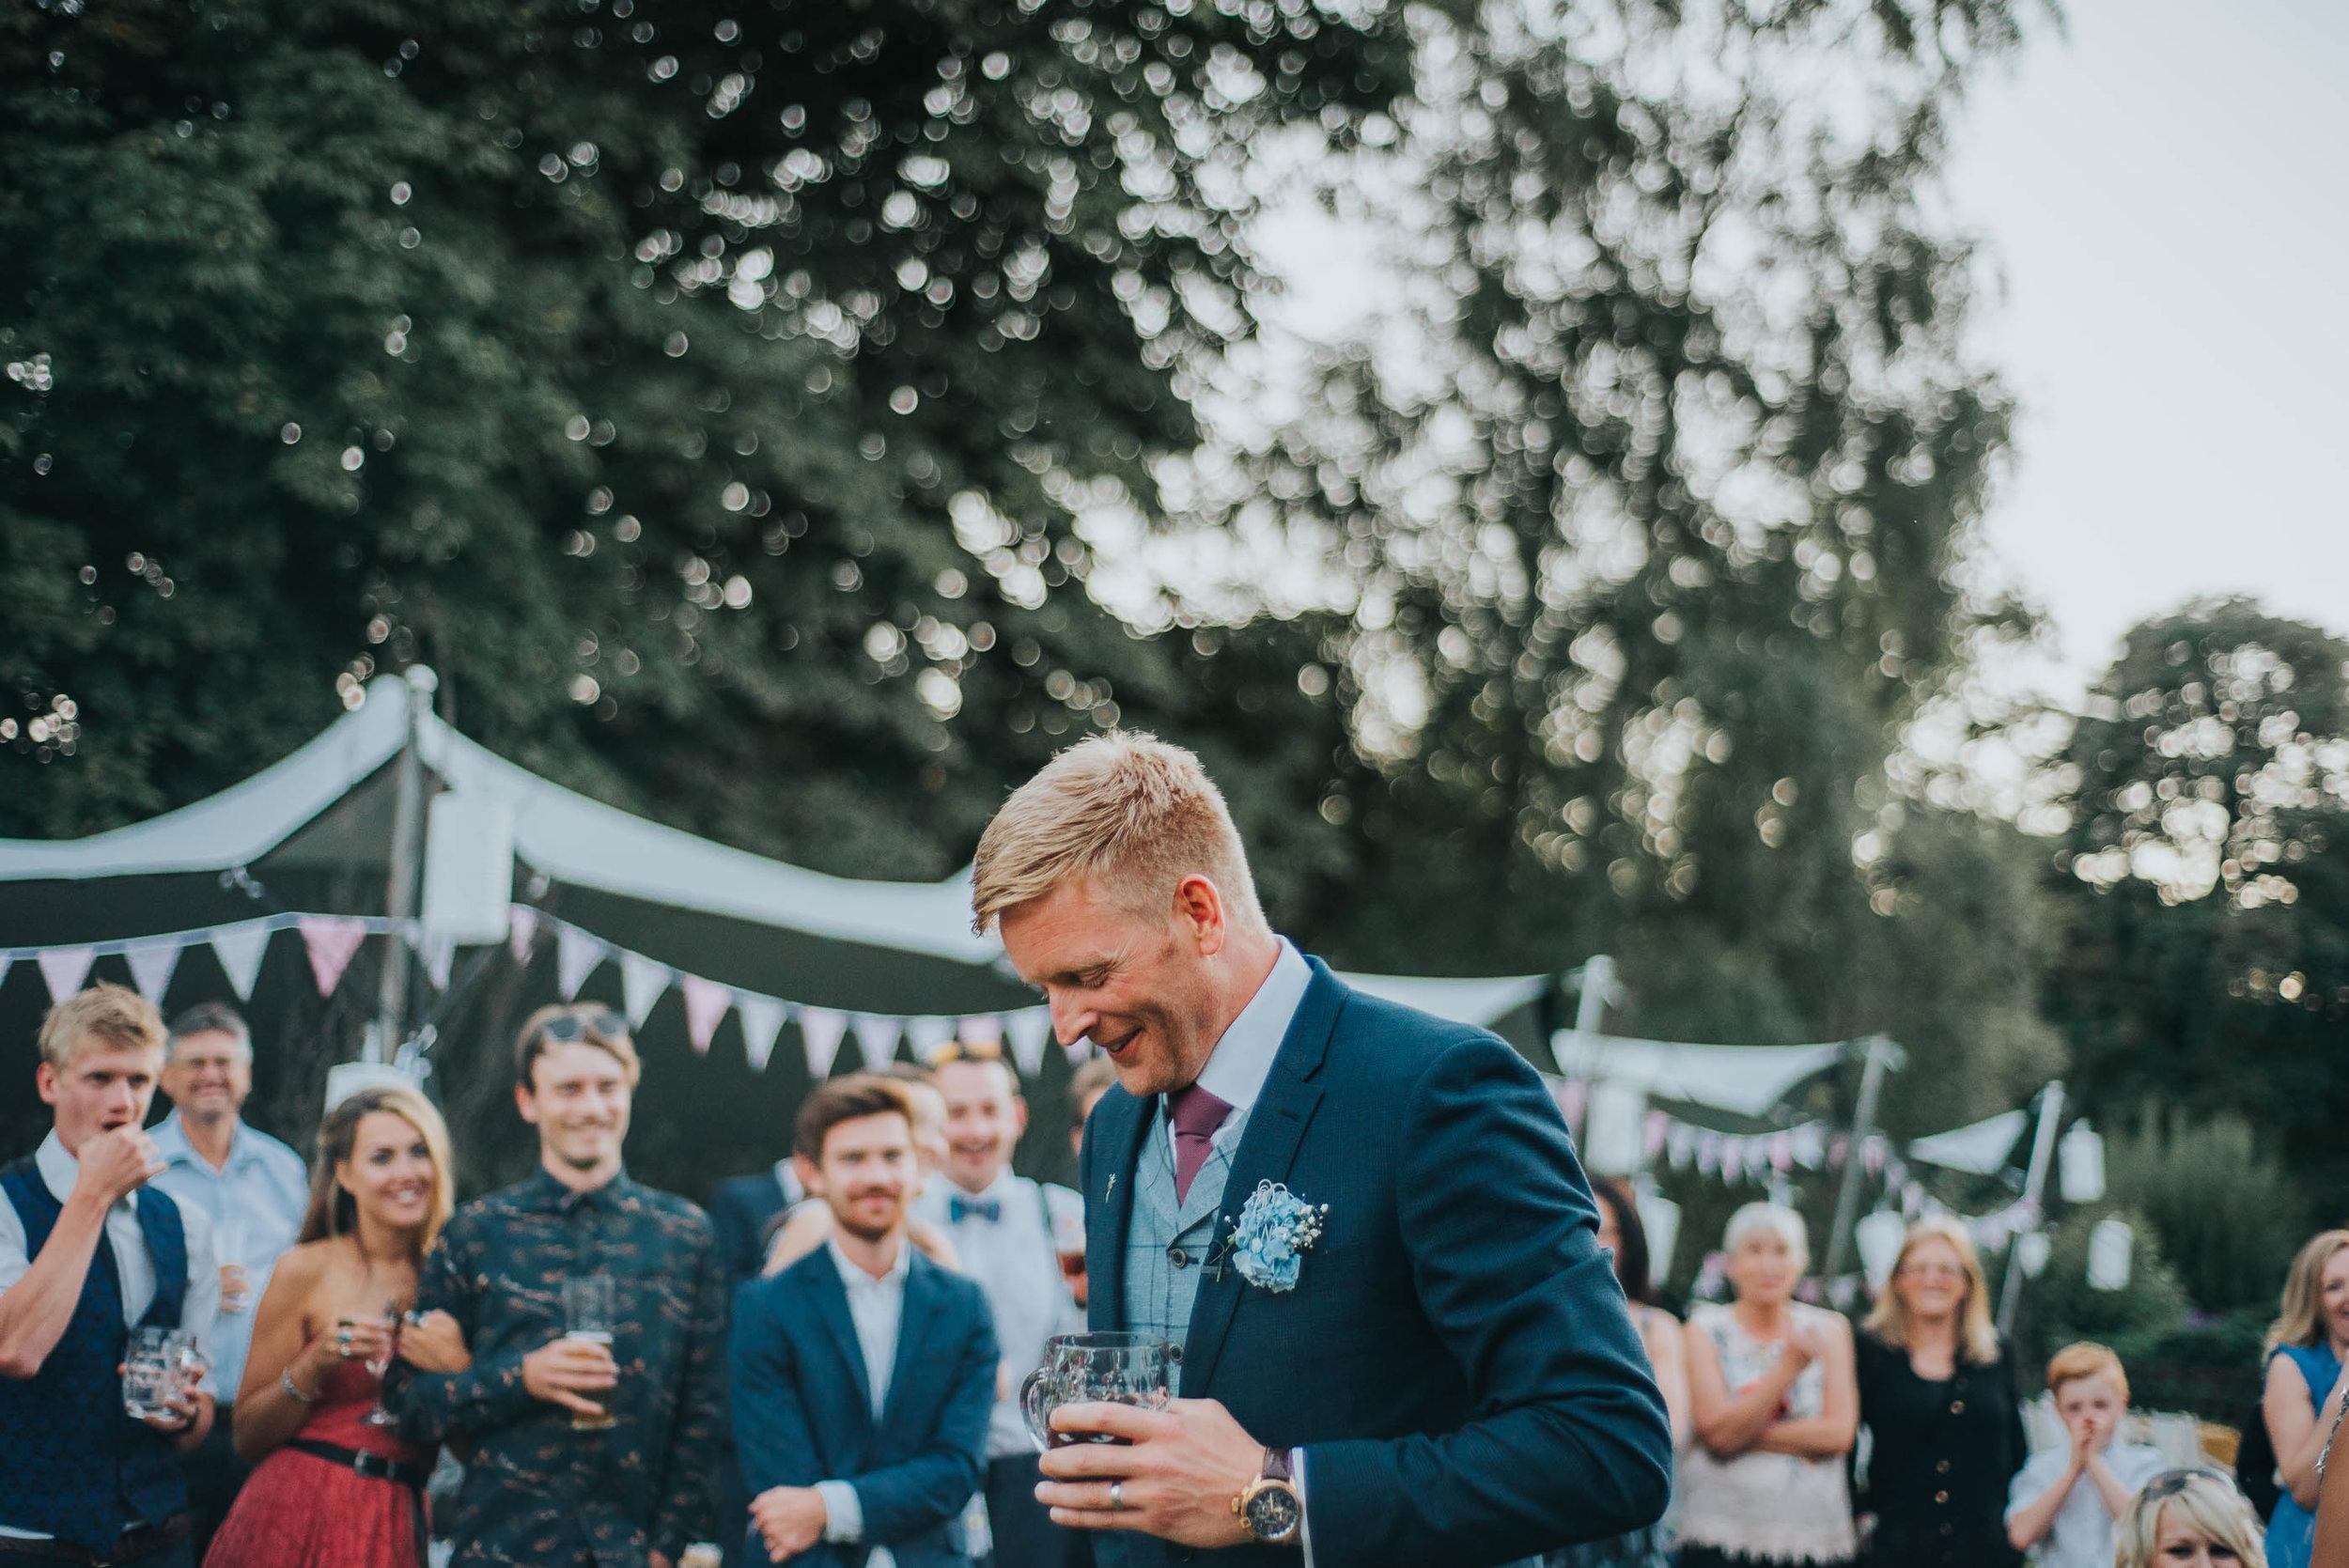 Creative Unique Wedding Photographer Essex Suffolk UK Wedding Photographer www.purplepeartreephotography.com (972).JPG